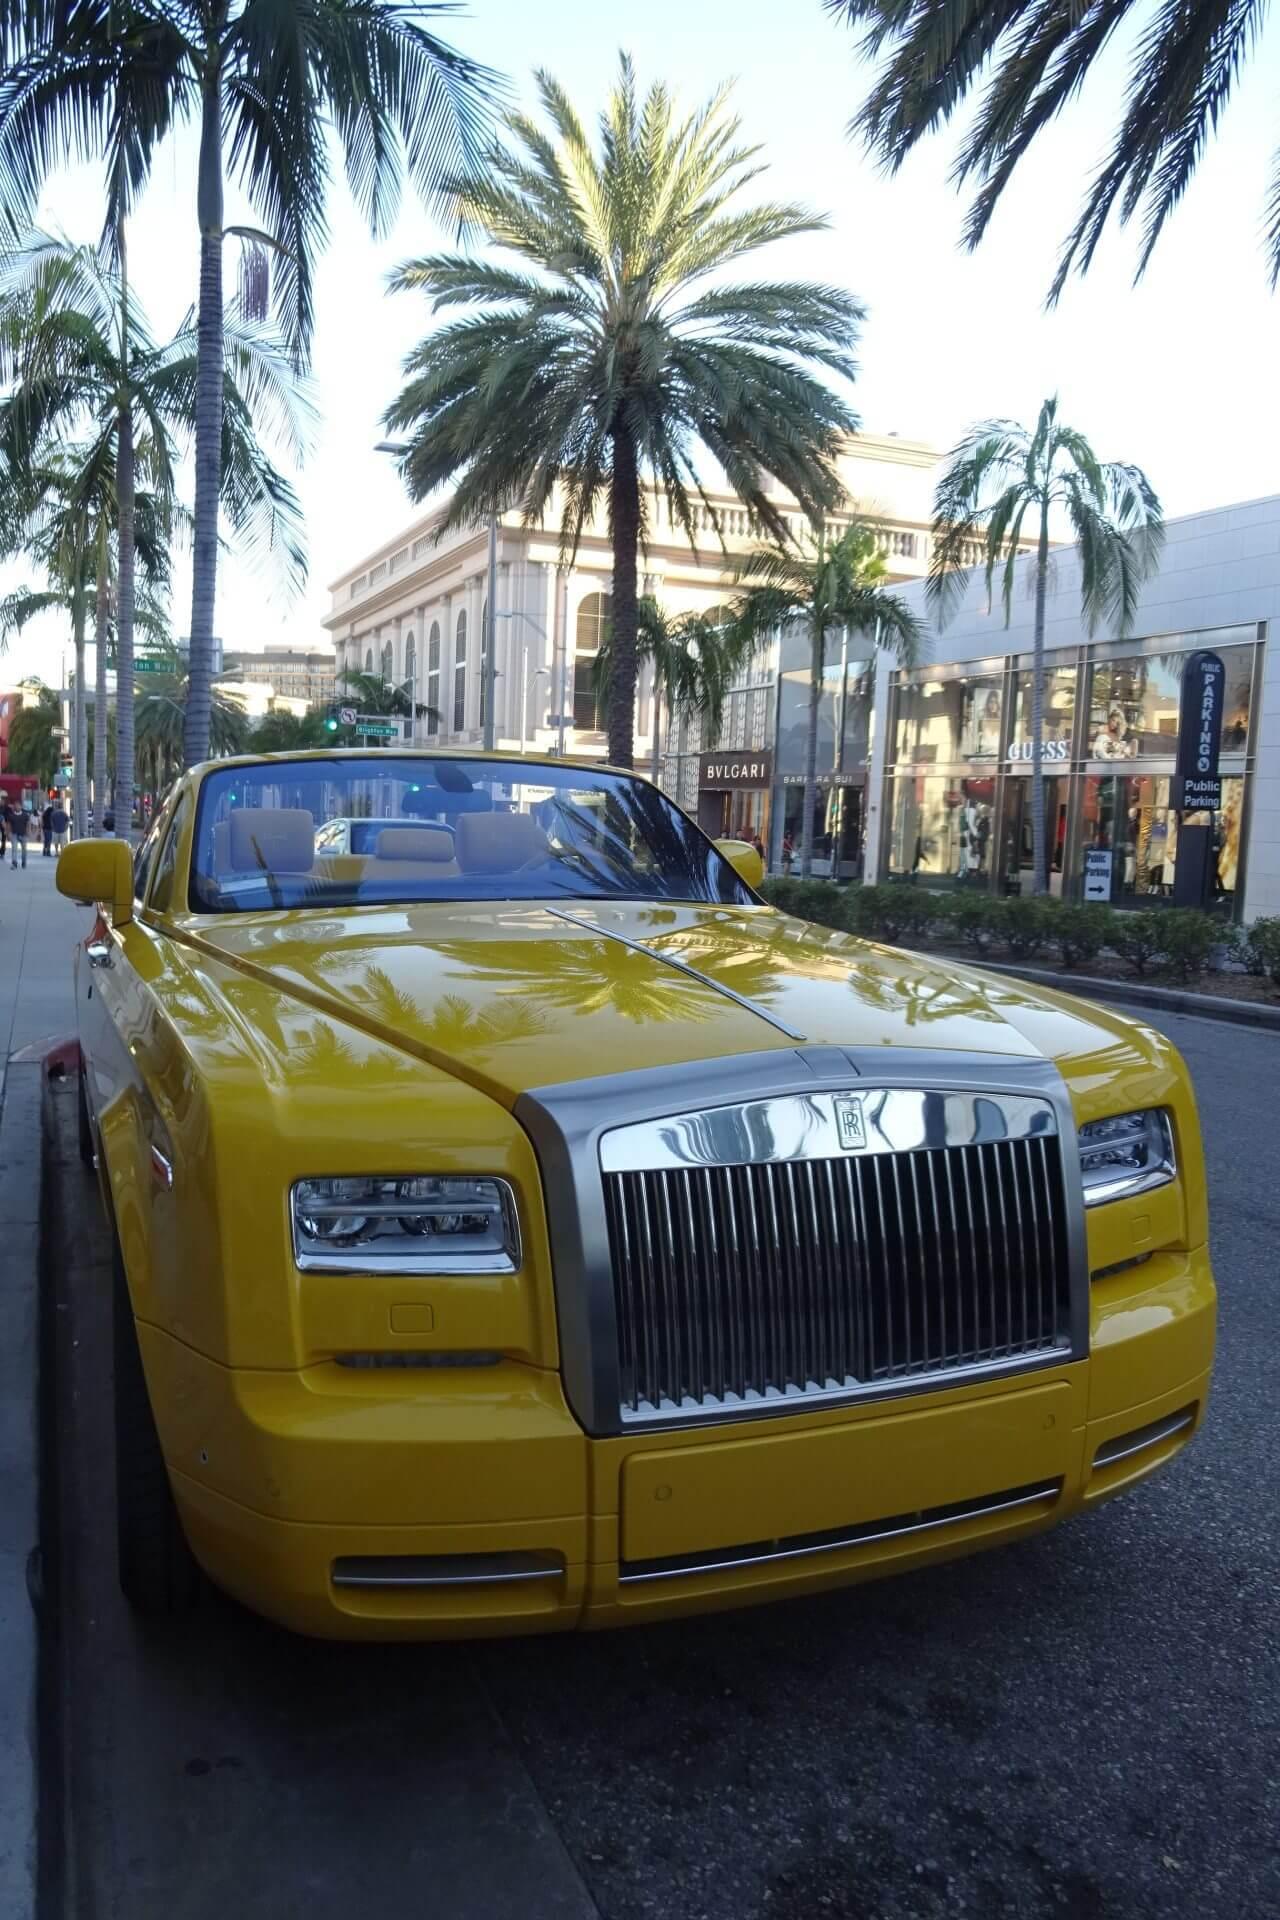 Rolls Royce am Rodeo Drive. Beverly Hills. Bilder und Eindrücke aus Los Angeles und Hollywood, Kalifornien, USA.